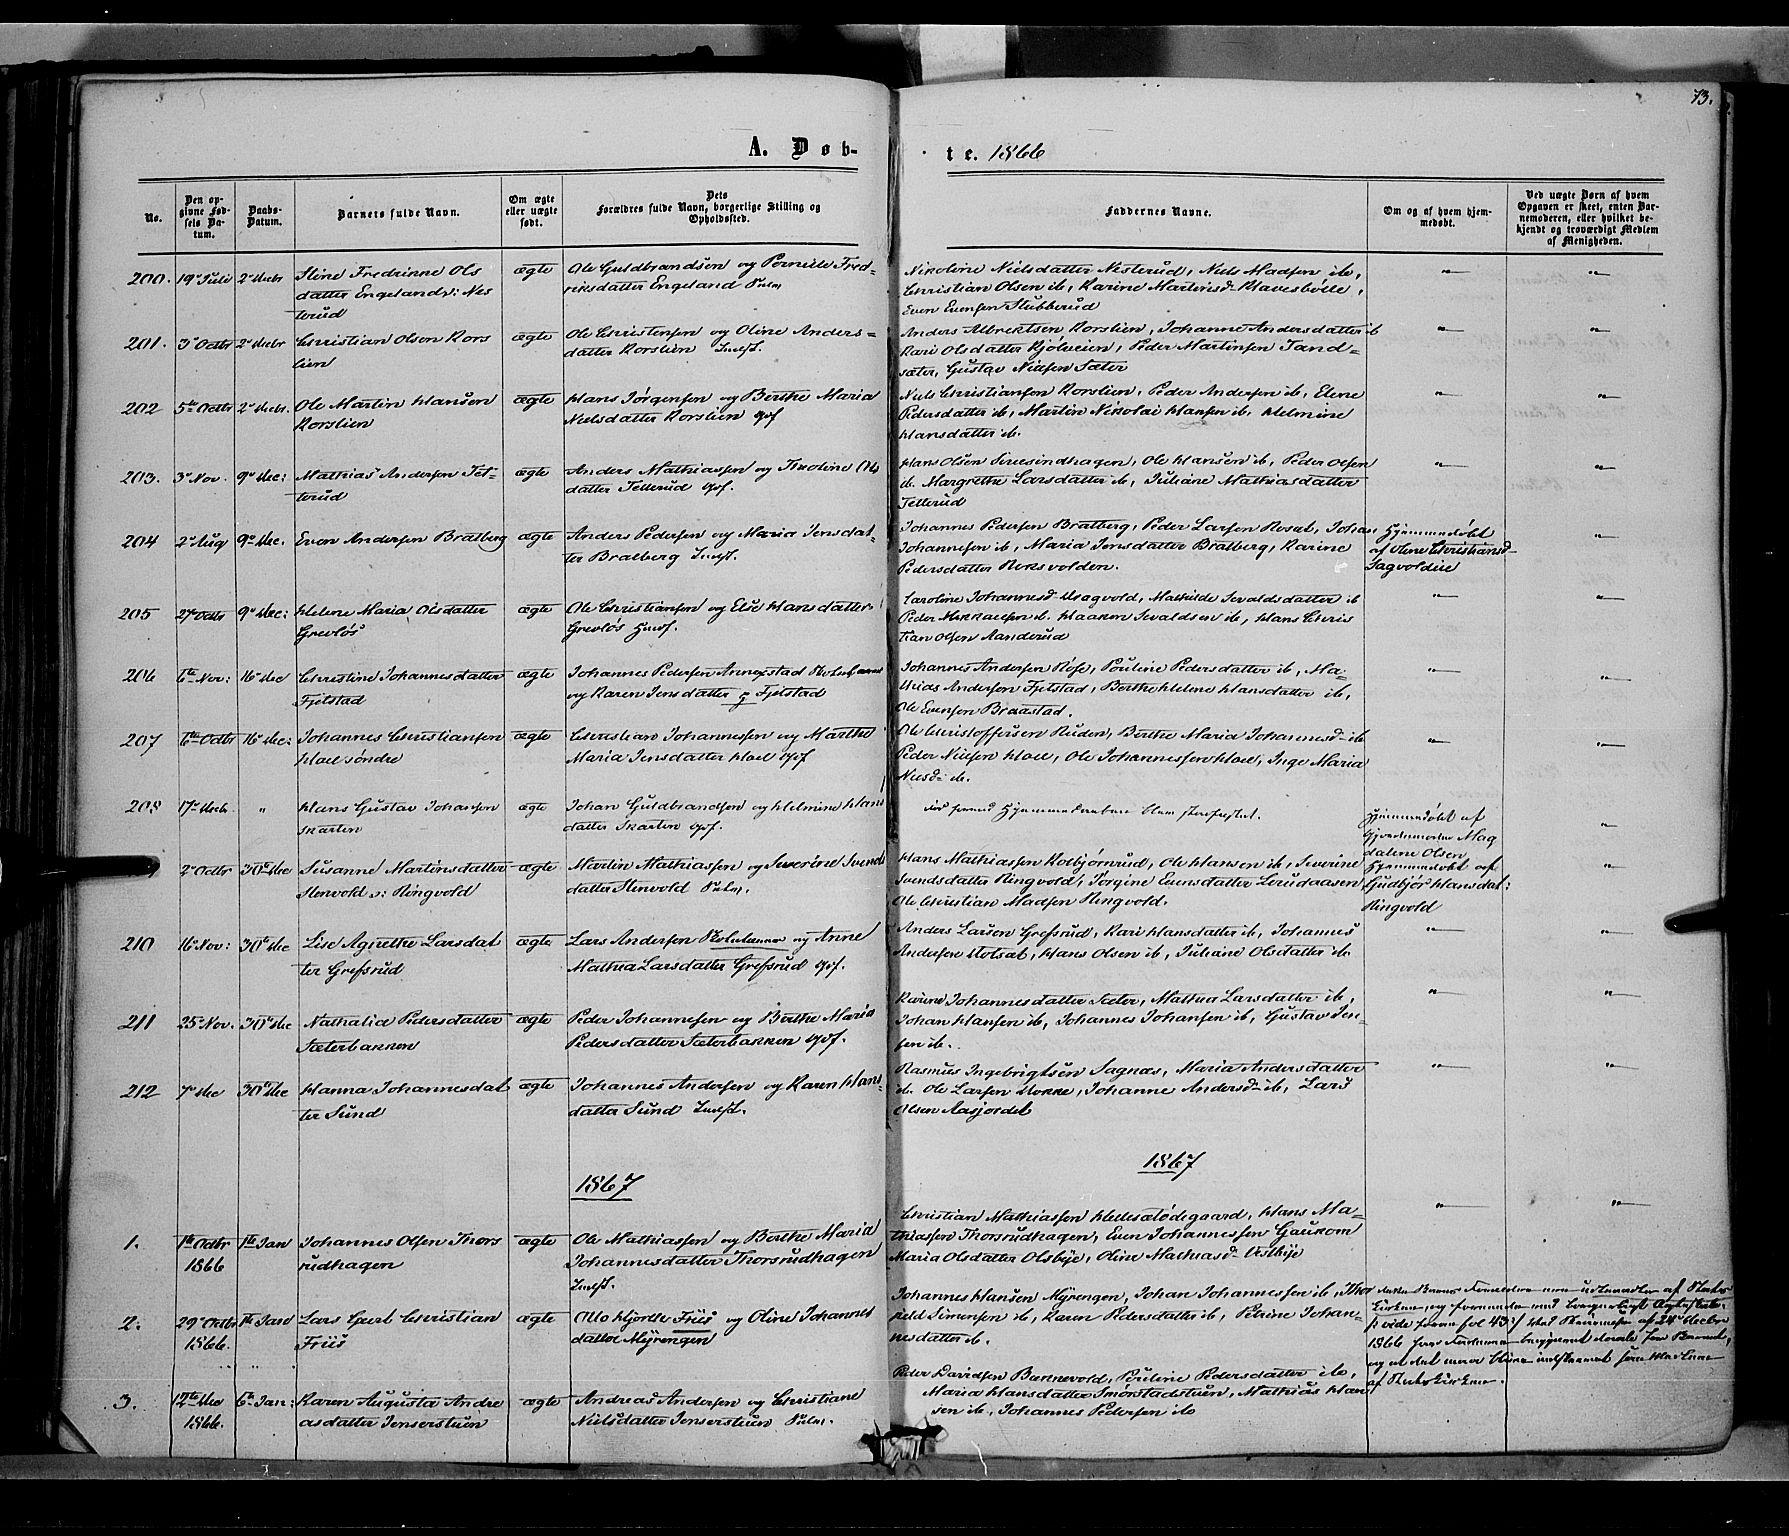 SAH, Vestre Toten prestekontor, Ministerialbok nr. 7, 1862-1869, s. 73